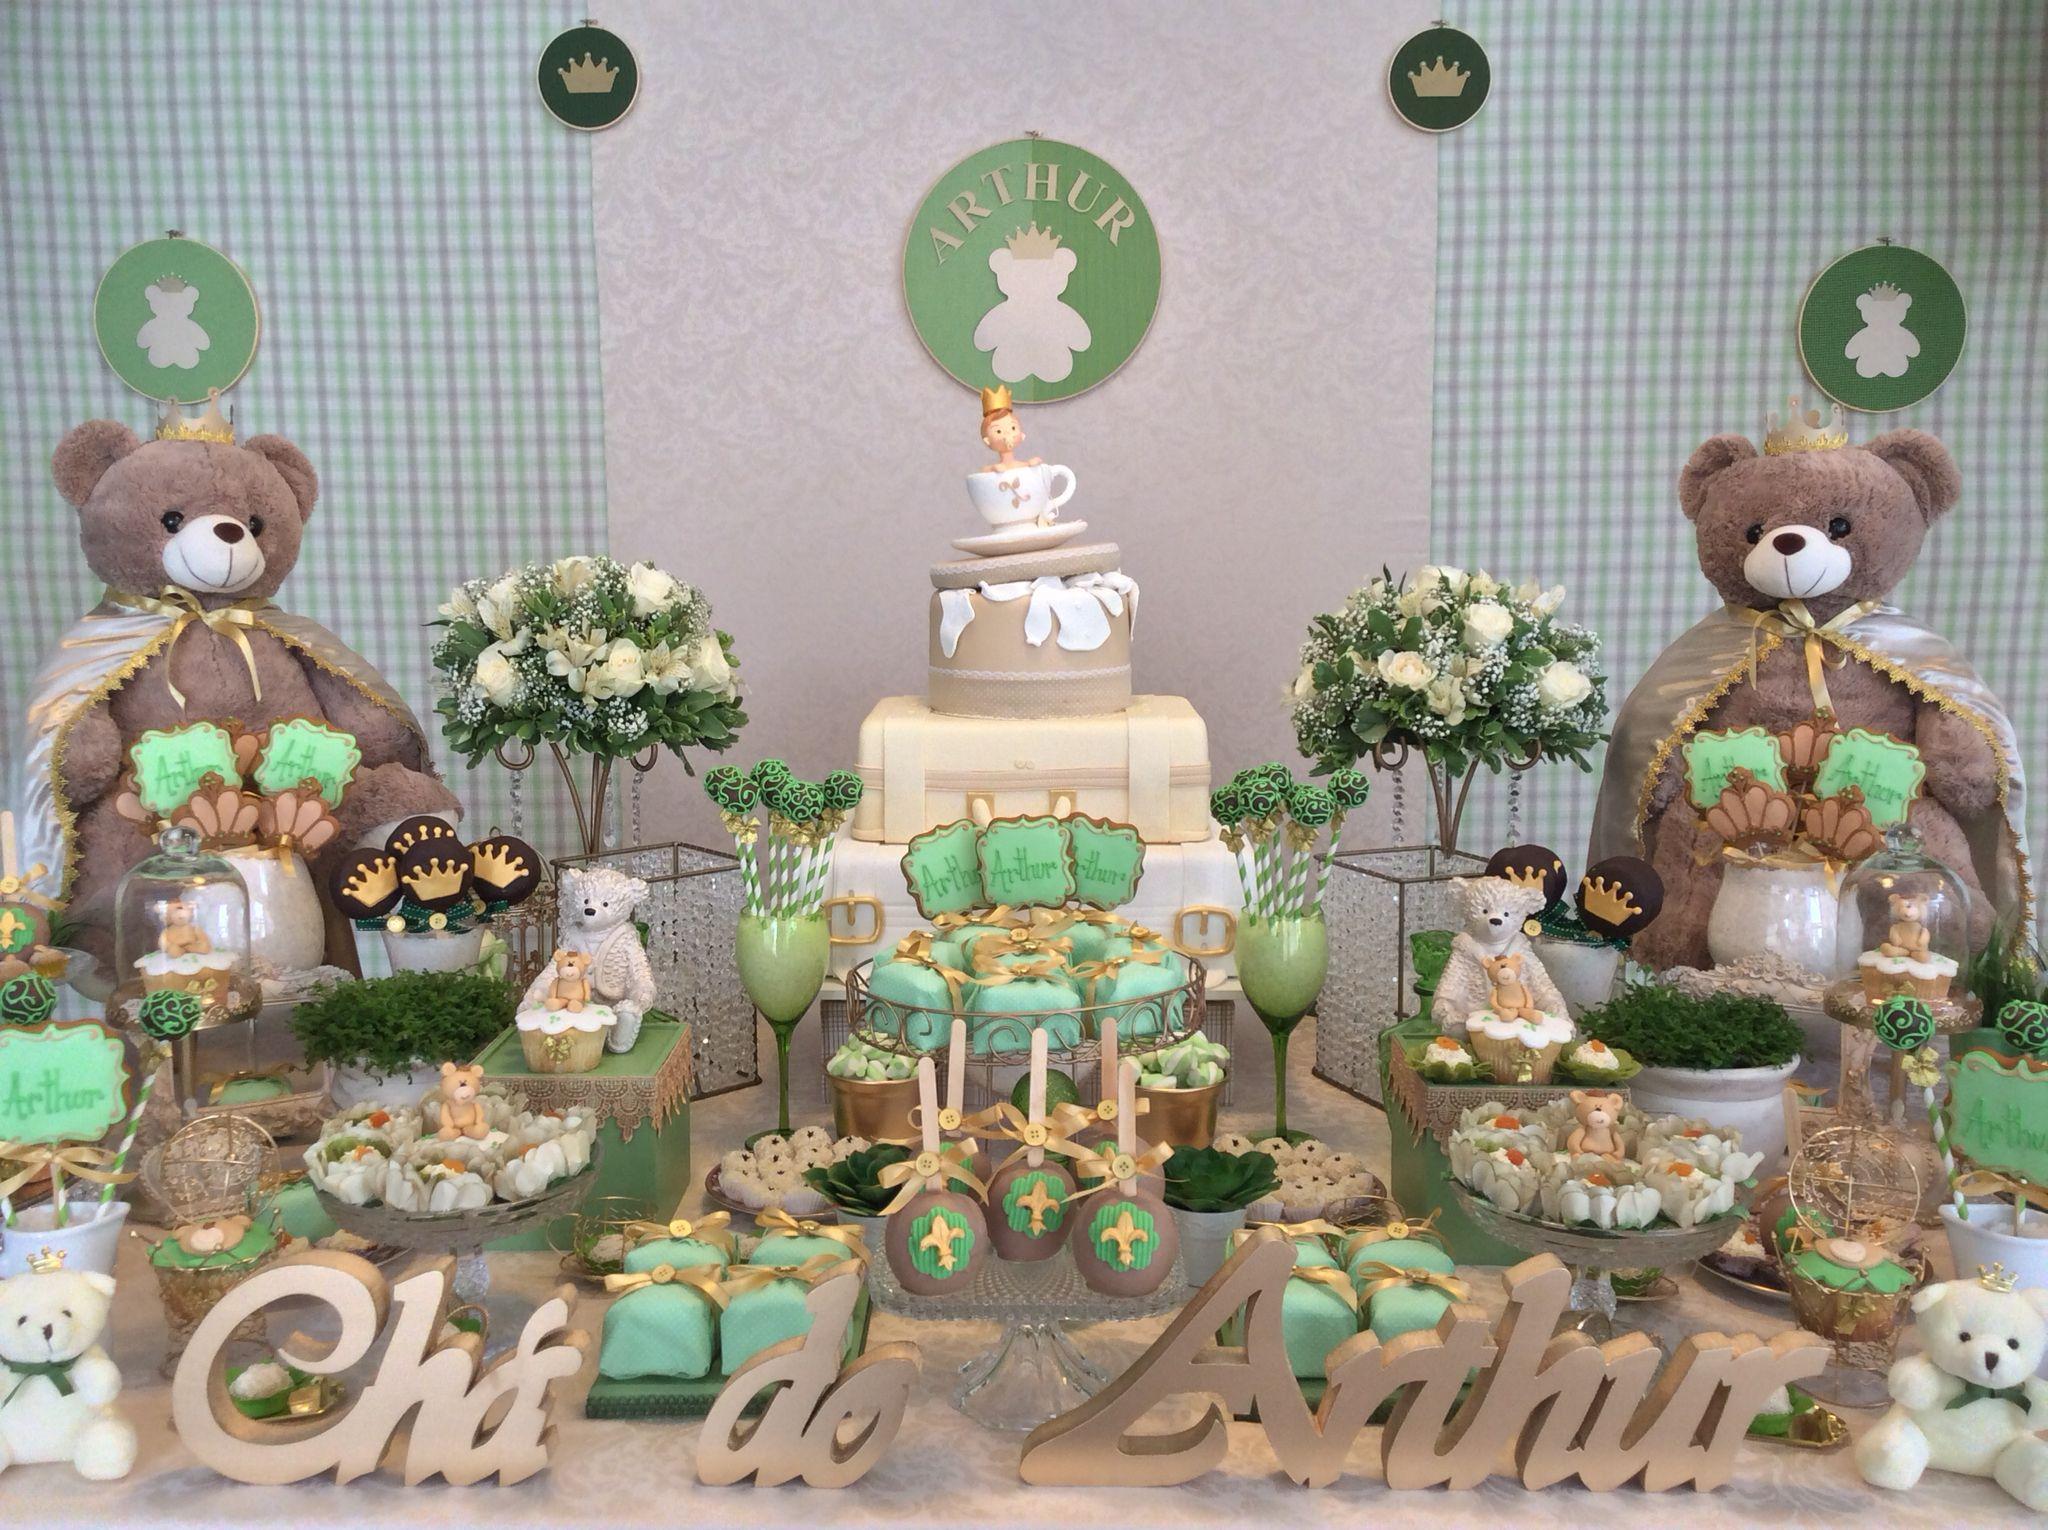 Decoraç u00e3o Chá de Beb u00ea Urso Príncipe Verde! Chá de beb u00ea urso príncipe Chá de beb u00ea verde  # Decoração Cha De Bebe Tema Urso